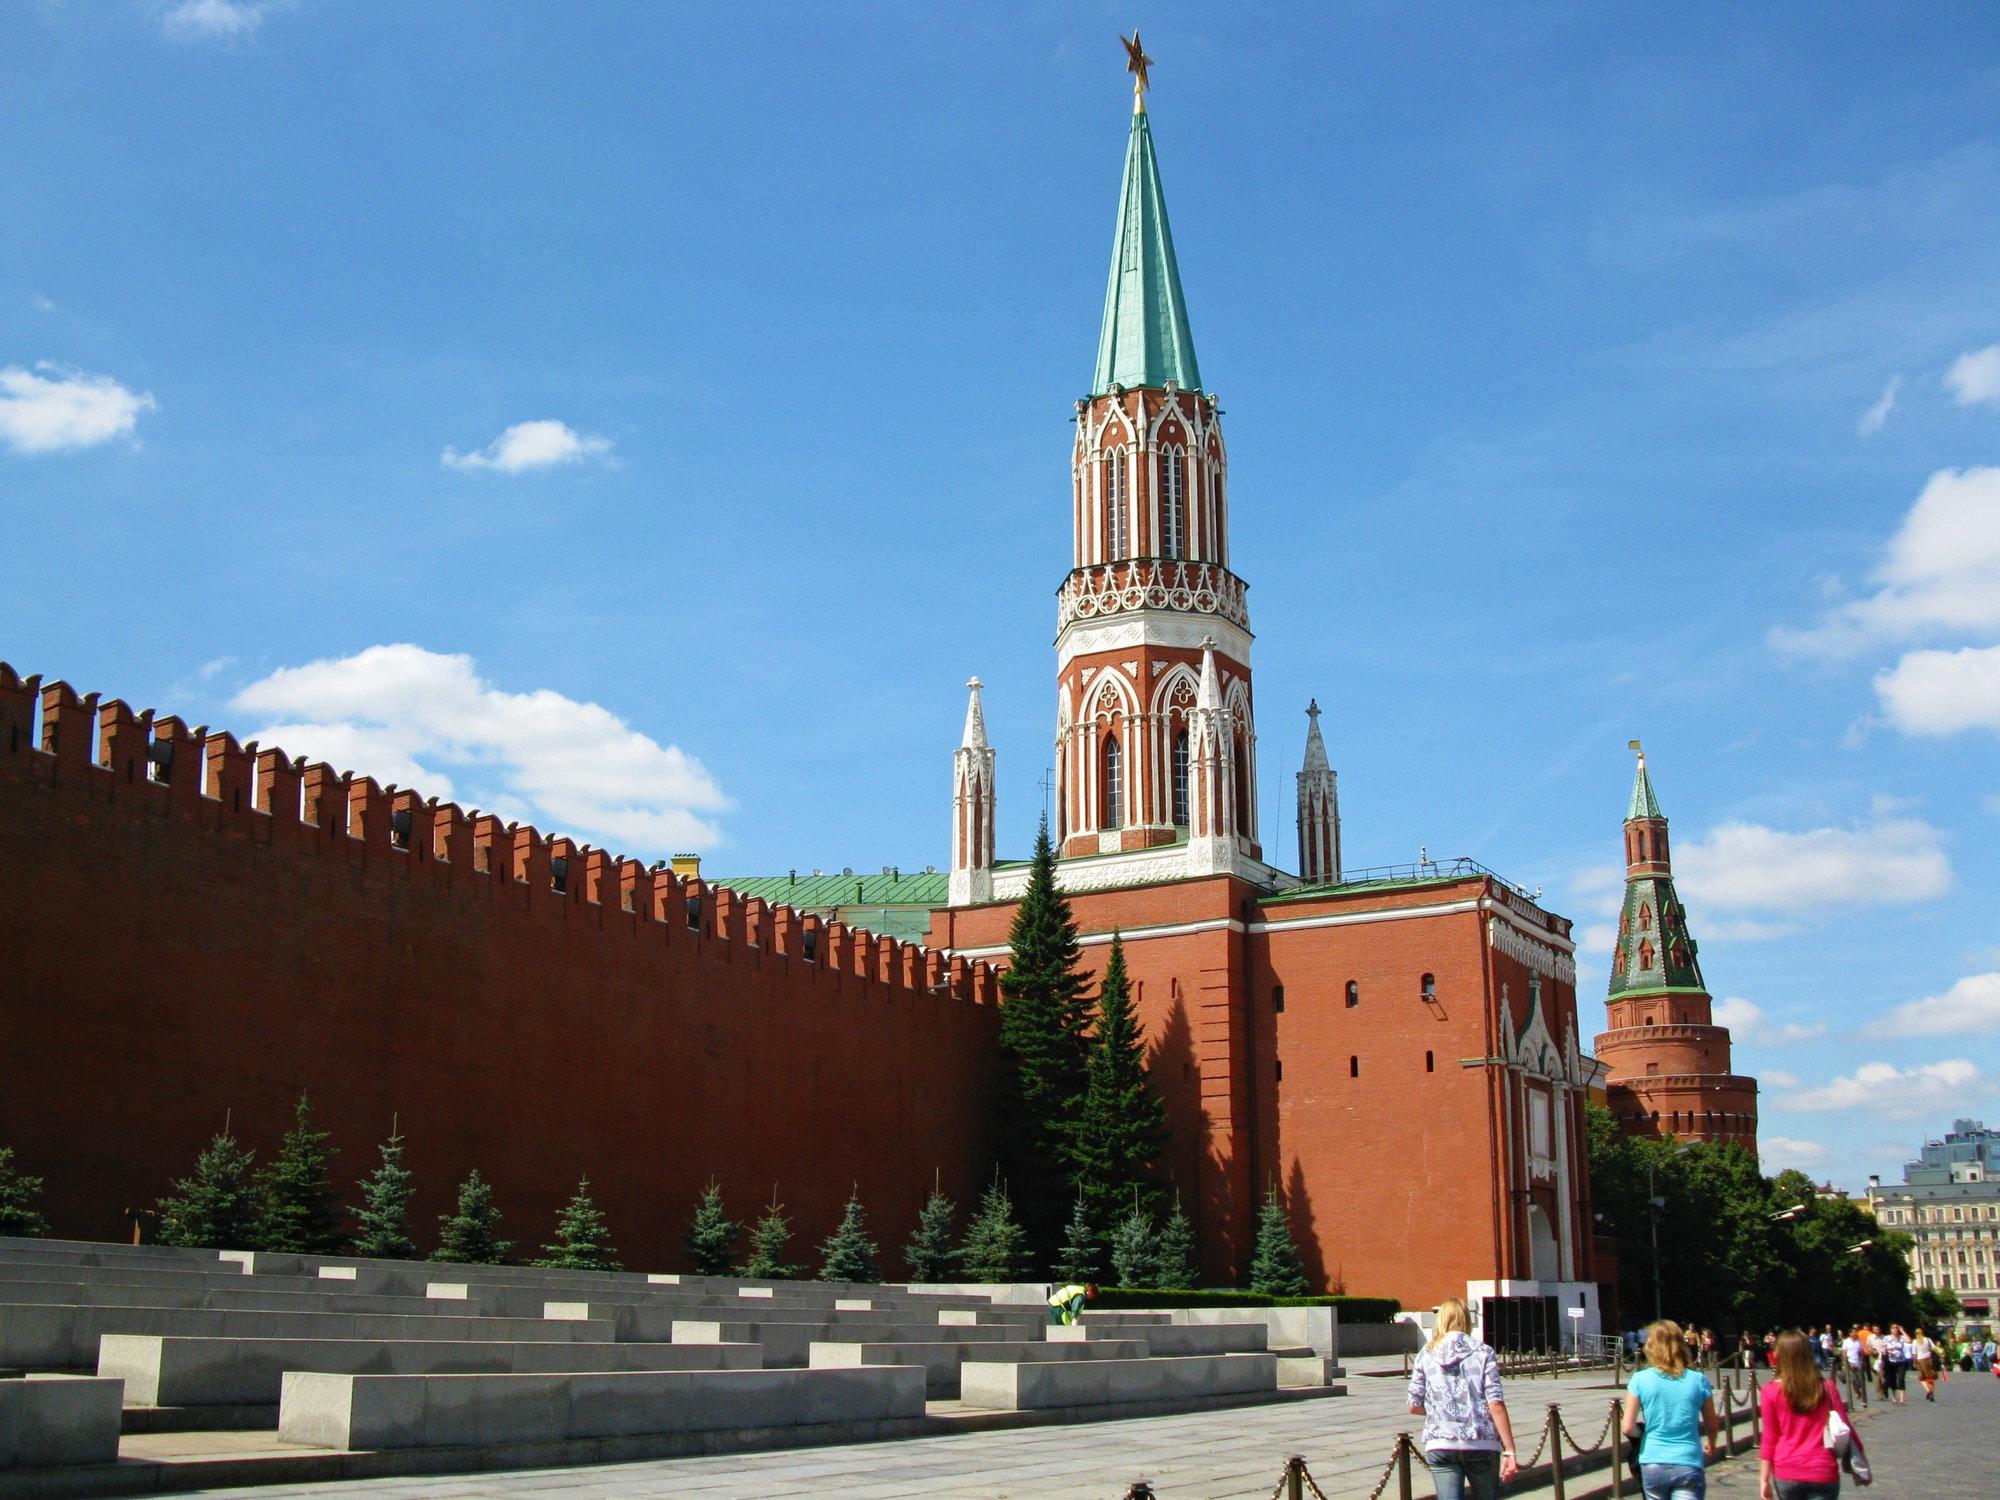 pri kremeľskom múre sa nachádza cintorín, kde je pochovaná aj Leninova milenka Inessa Armandová